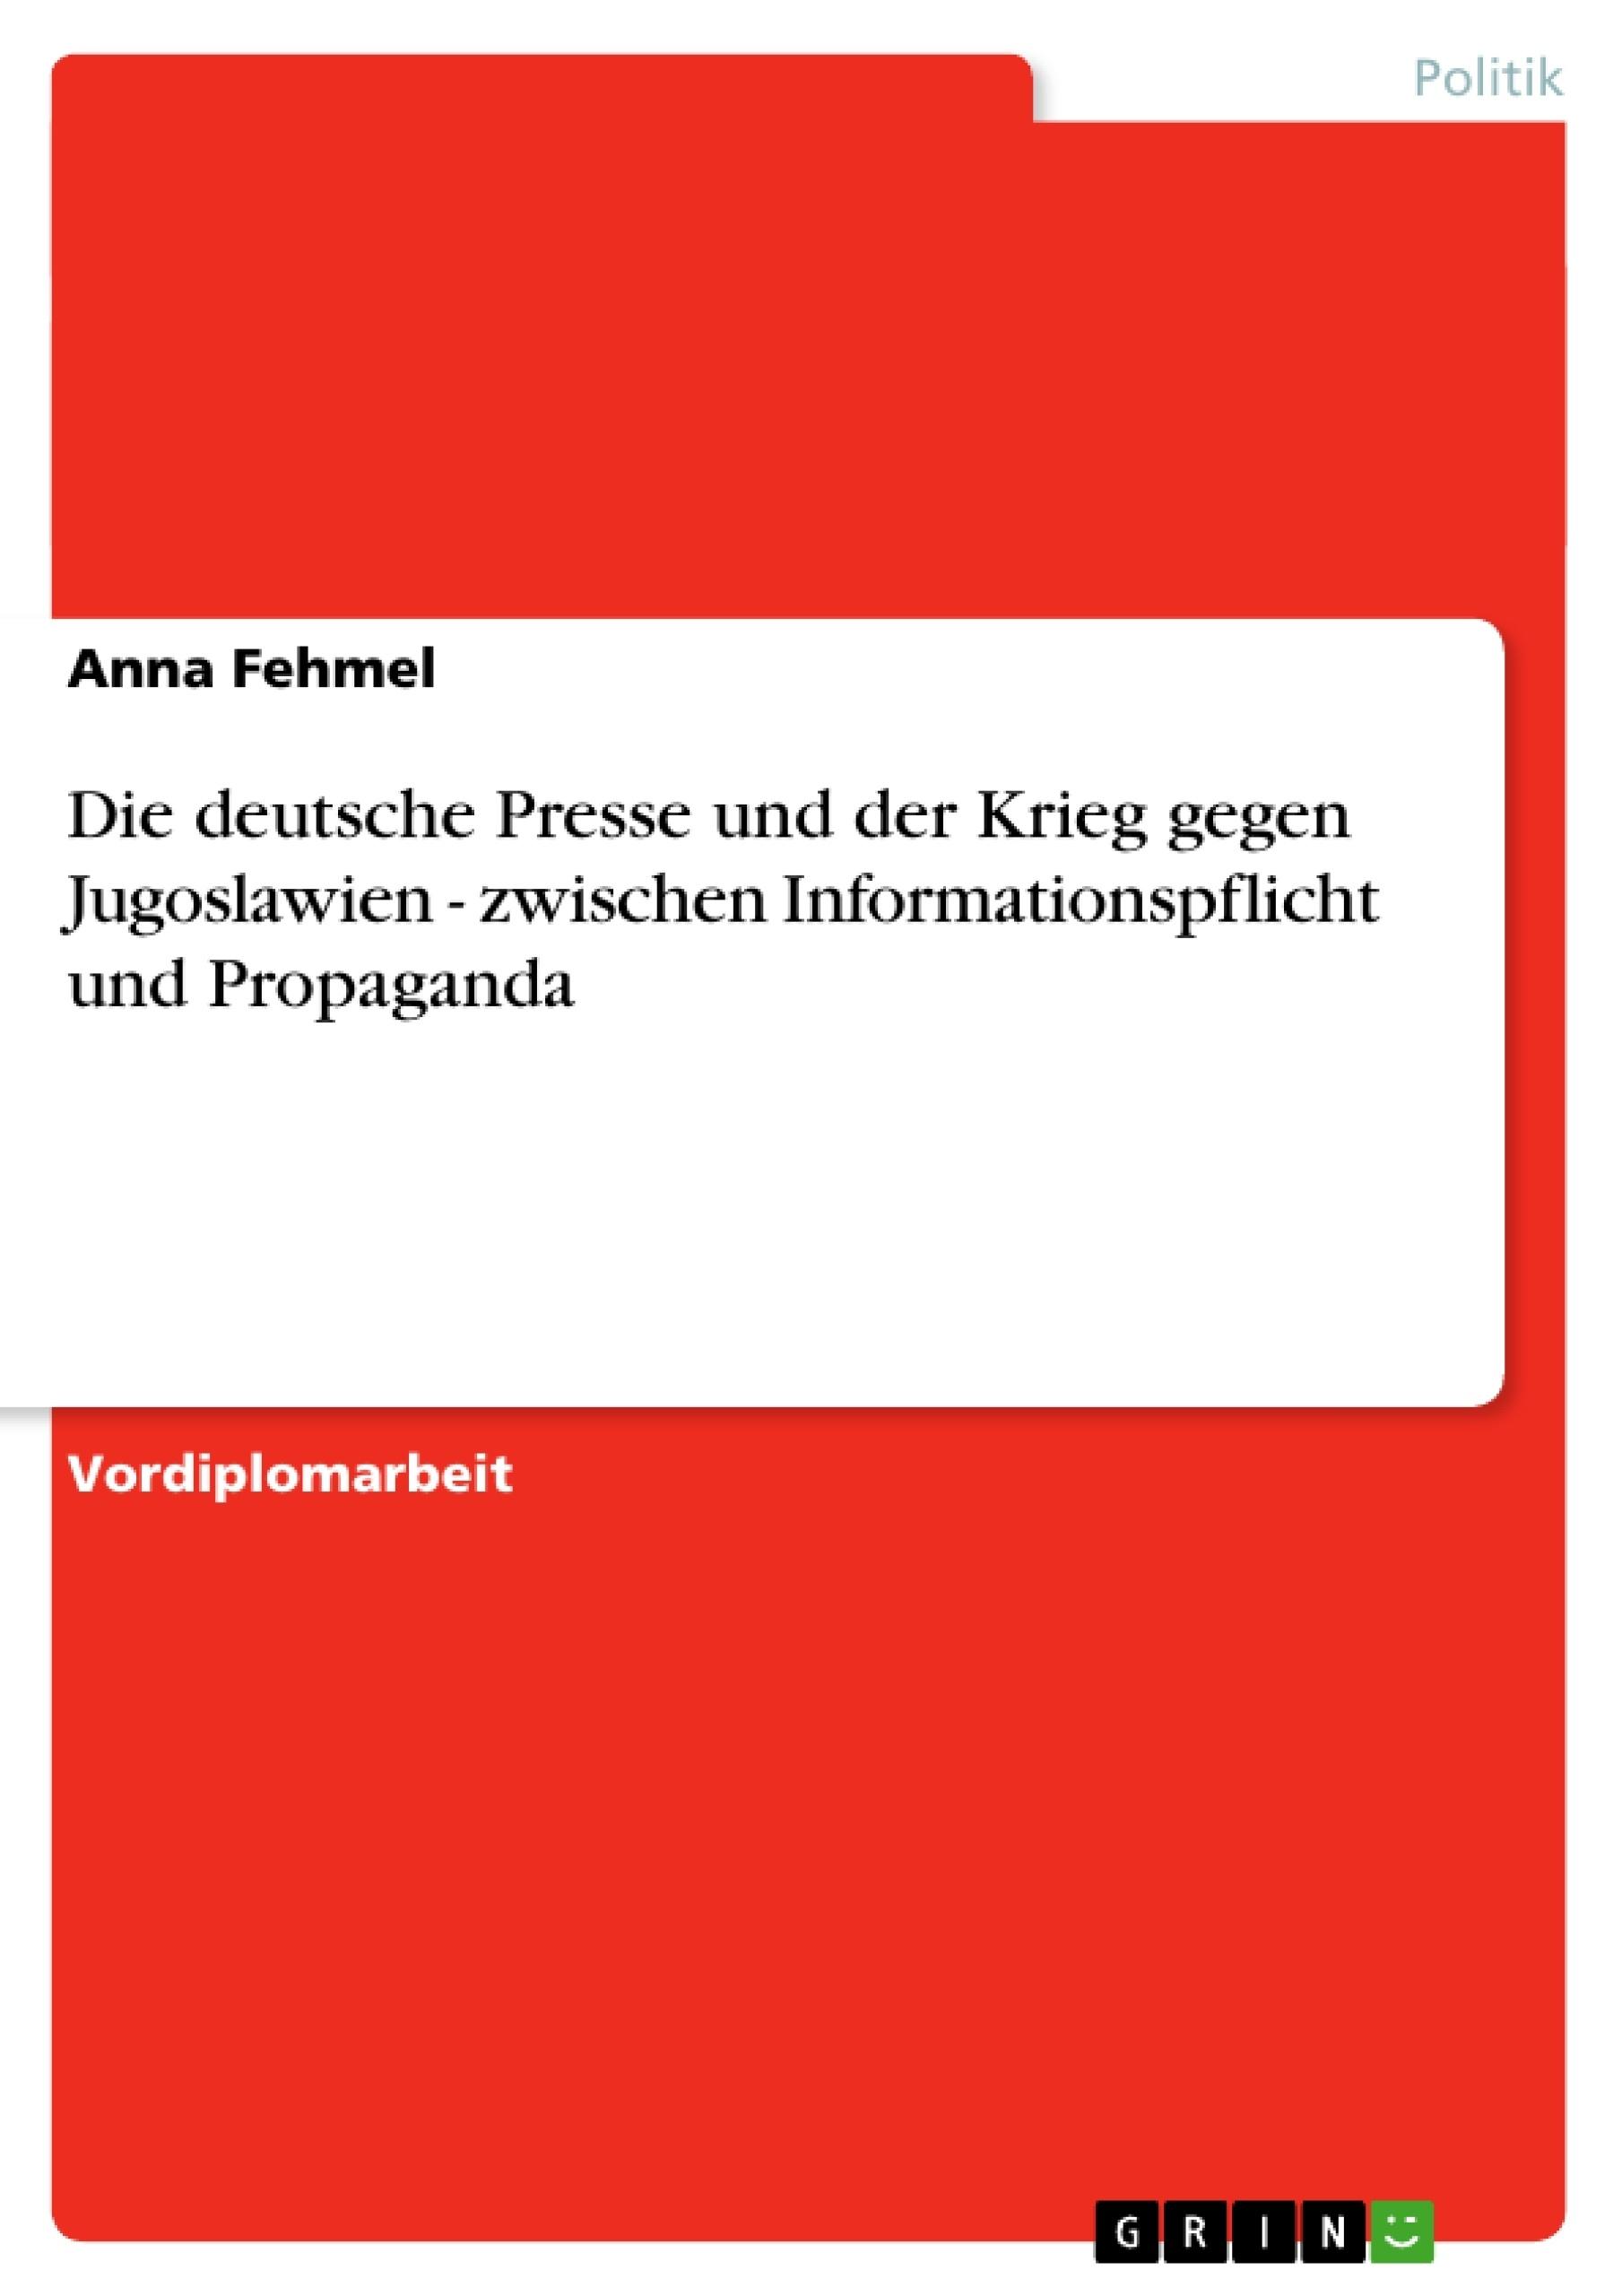 Titel: Die deutsche Presse und der Krieg gegen Jugoslawien - zwischen Informationspflicht und Propaganda